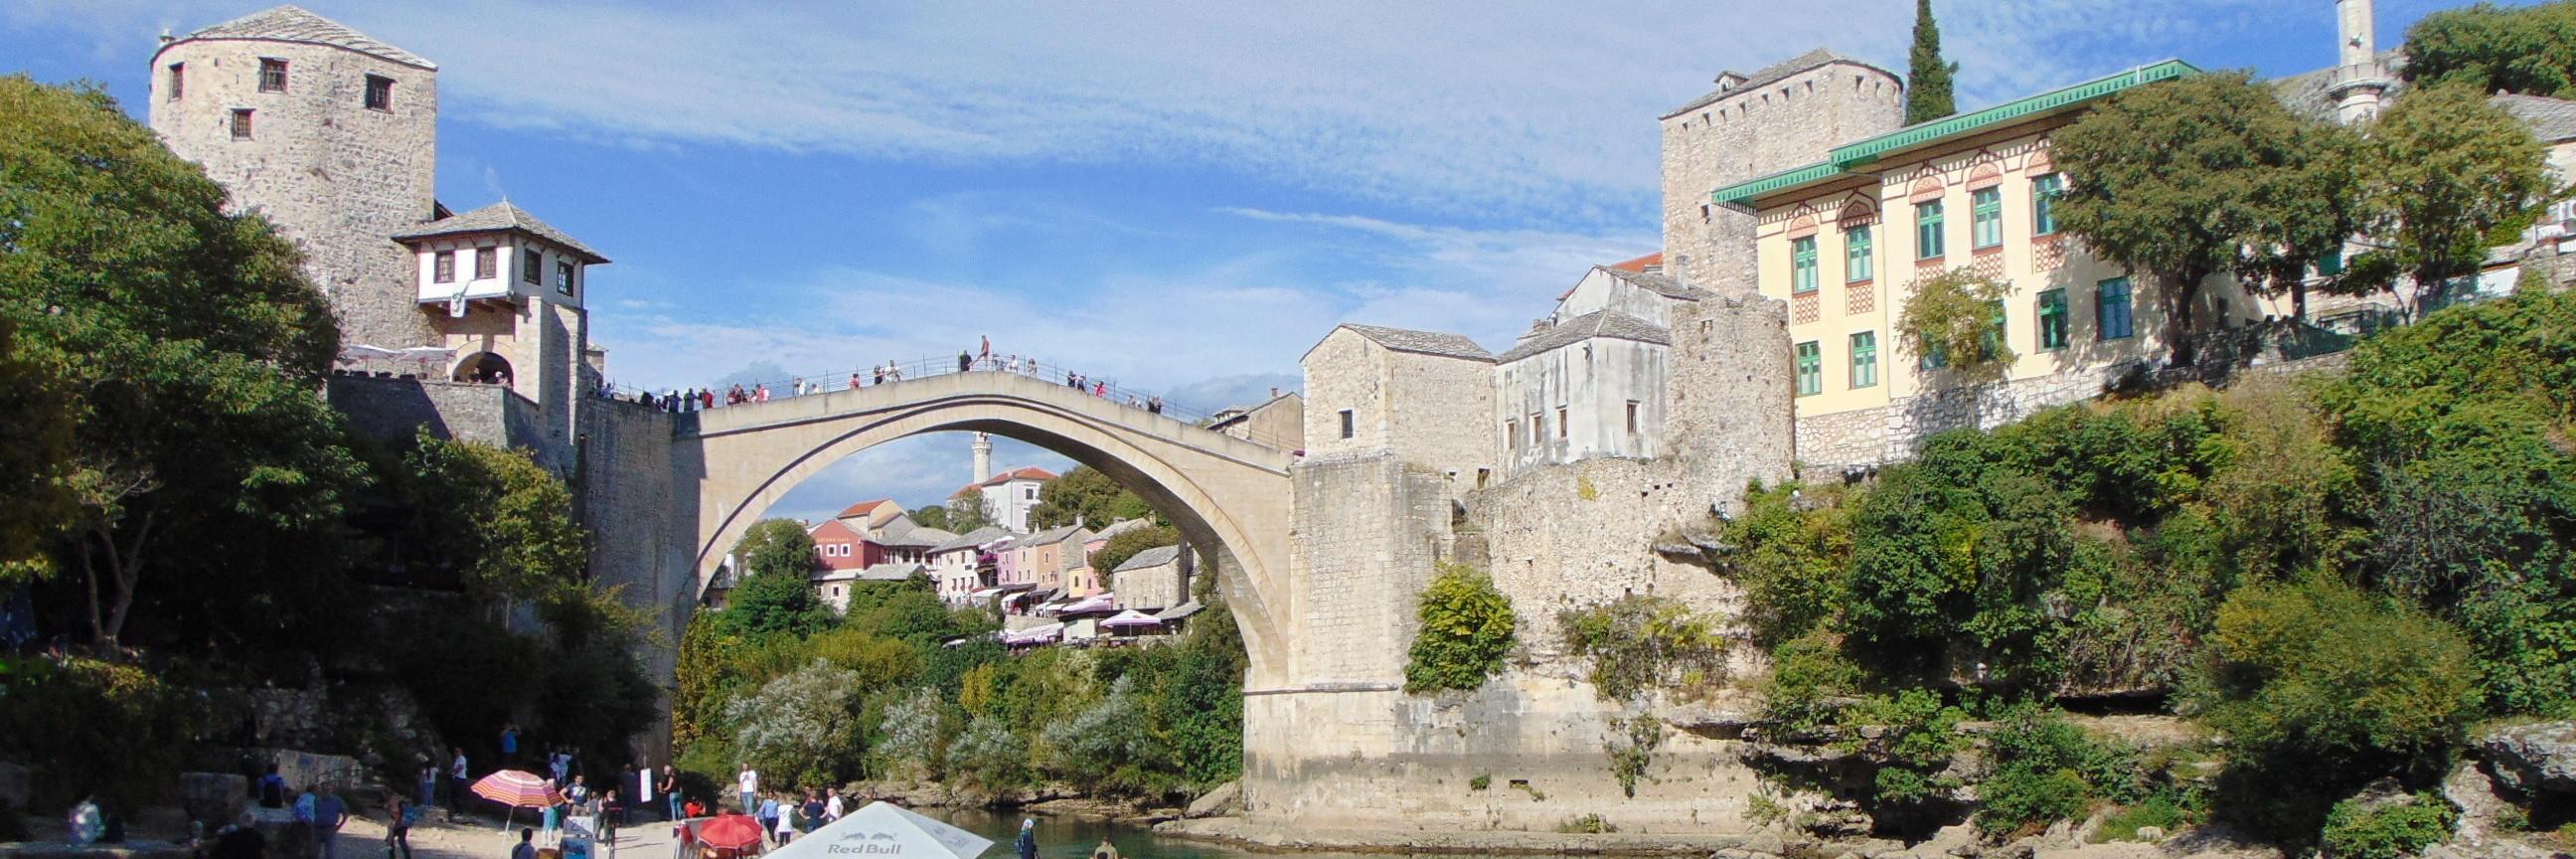 7 вещей, которые нужно сделать в Мостаре